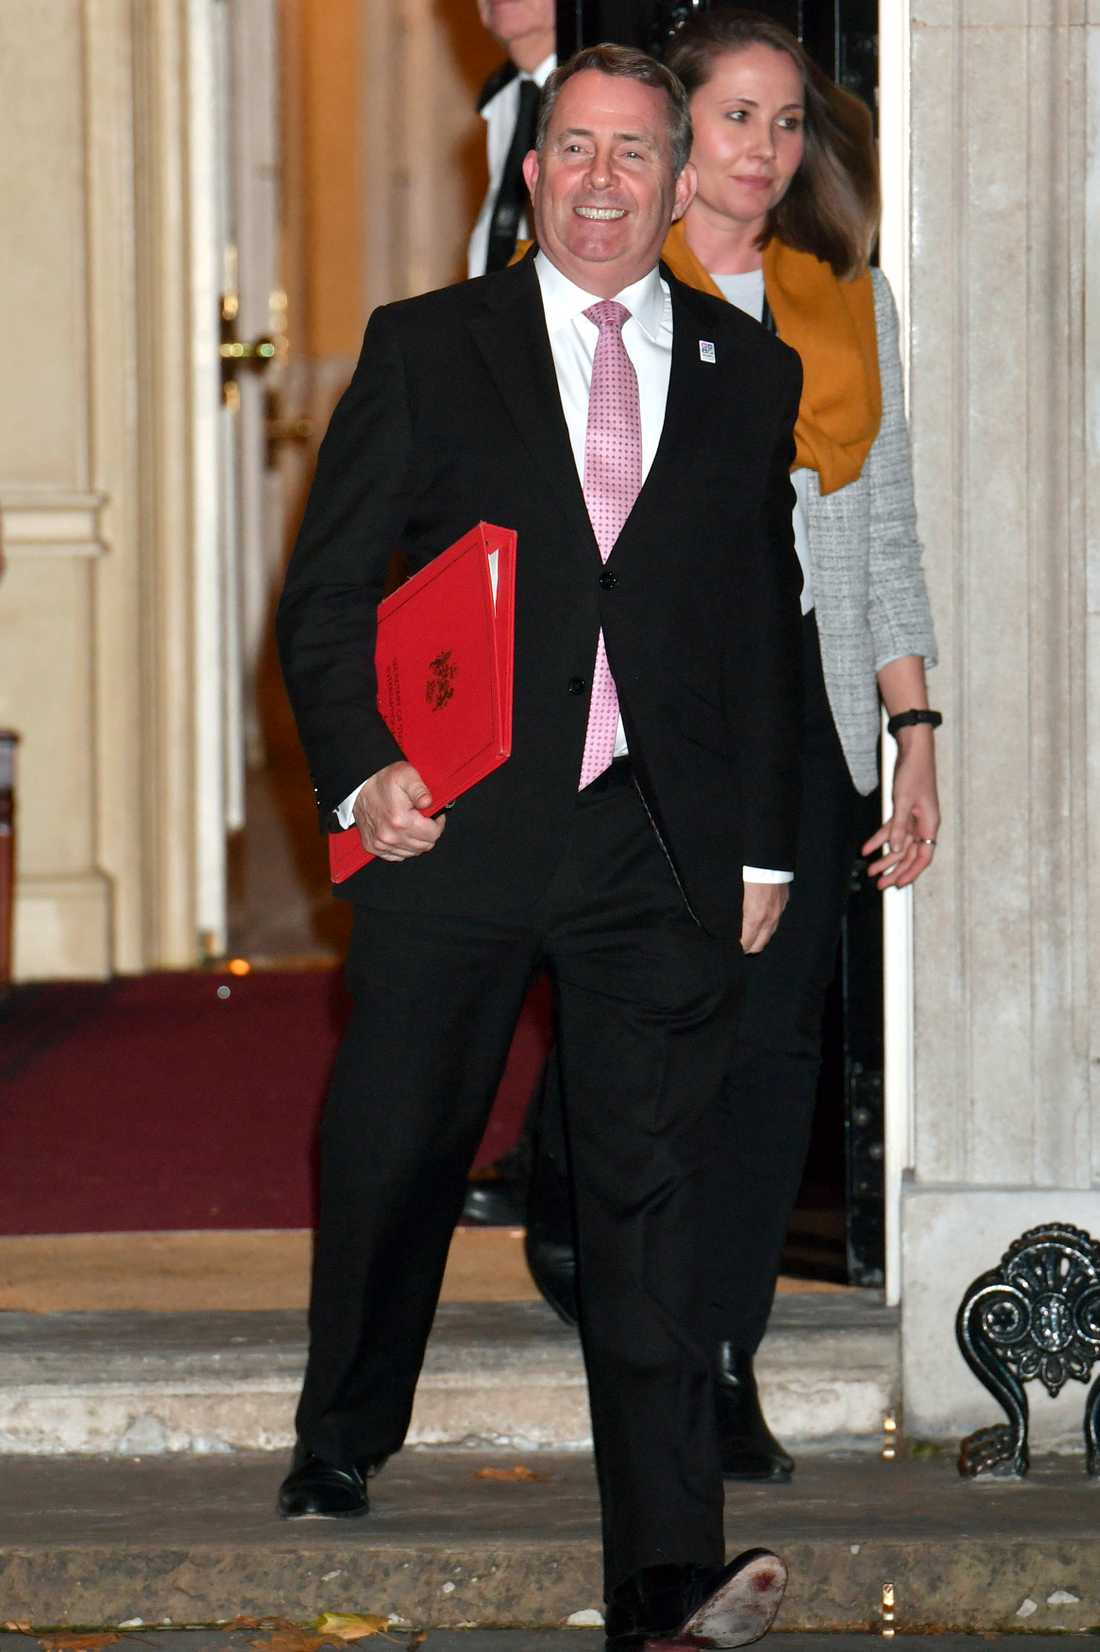 Liam Fox, Storbritanniens minister för internationell handel, lämnar Downing Street 10 på tisdagskvällen.